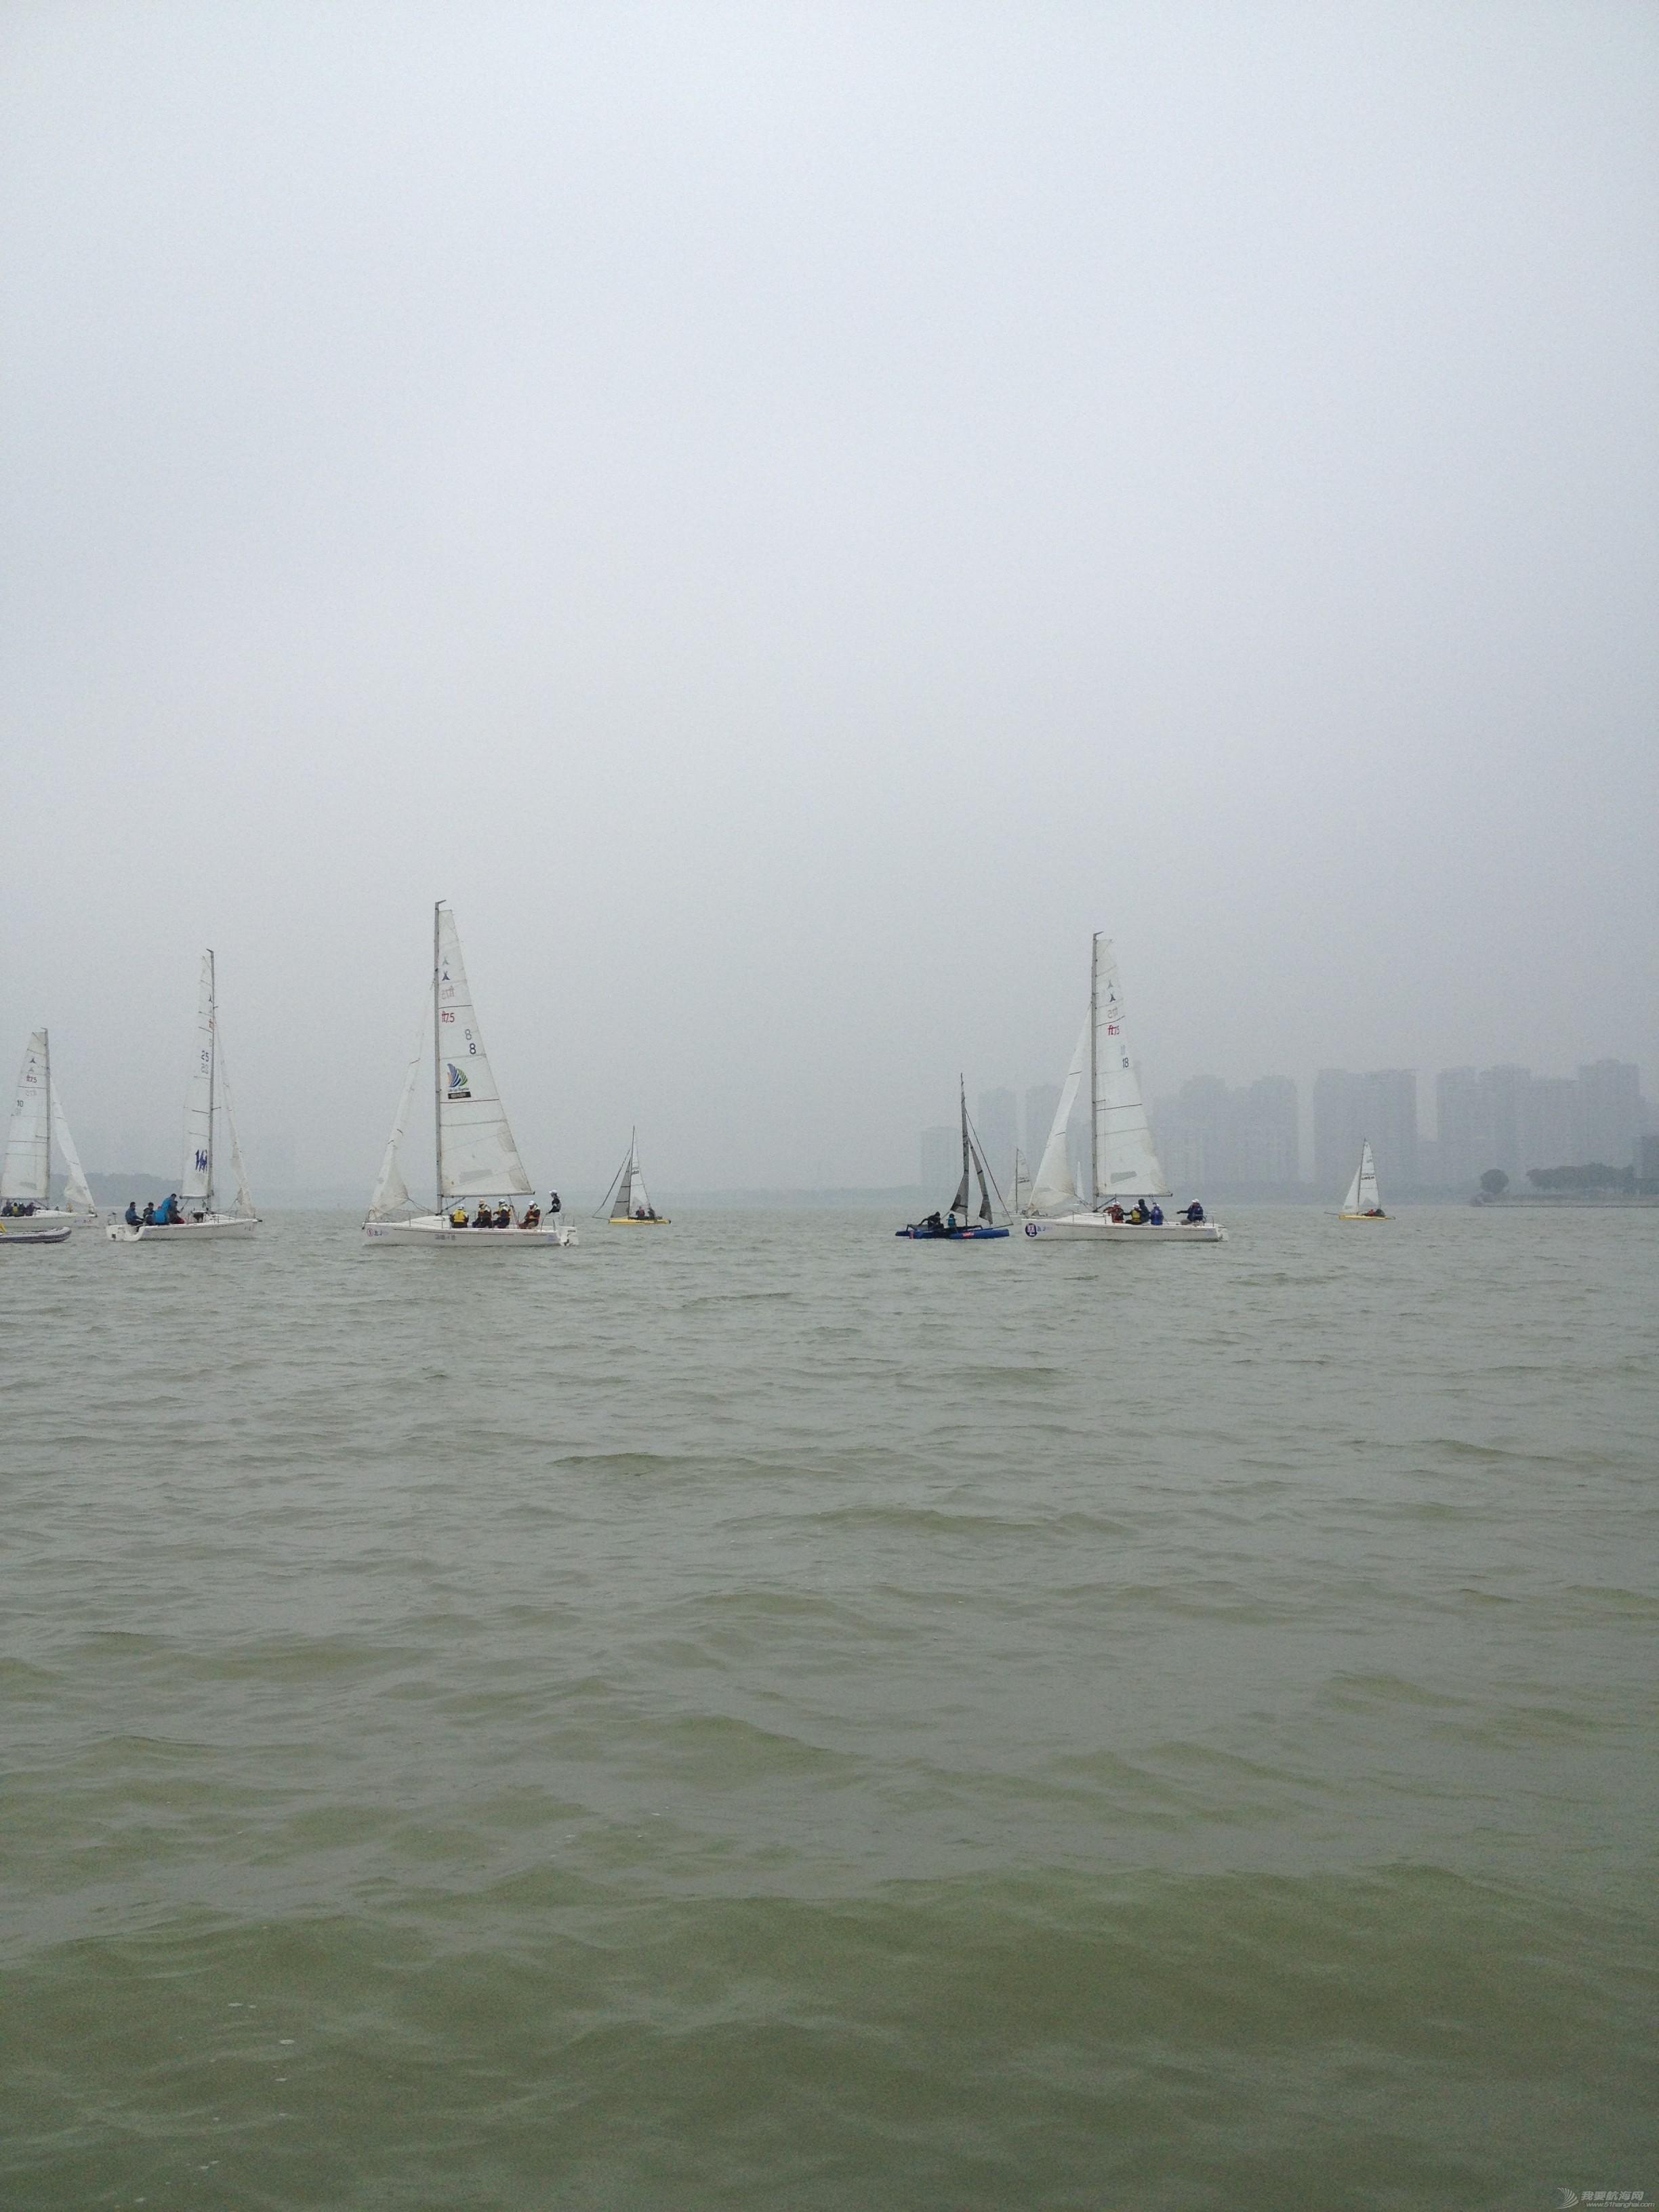 金鸡,苏州 苏州金鸡湖帆船赛-我的处女赛 IMG_2930.JPG